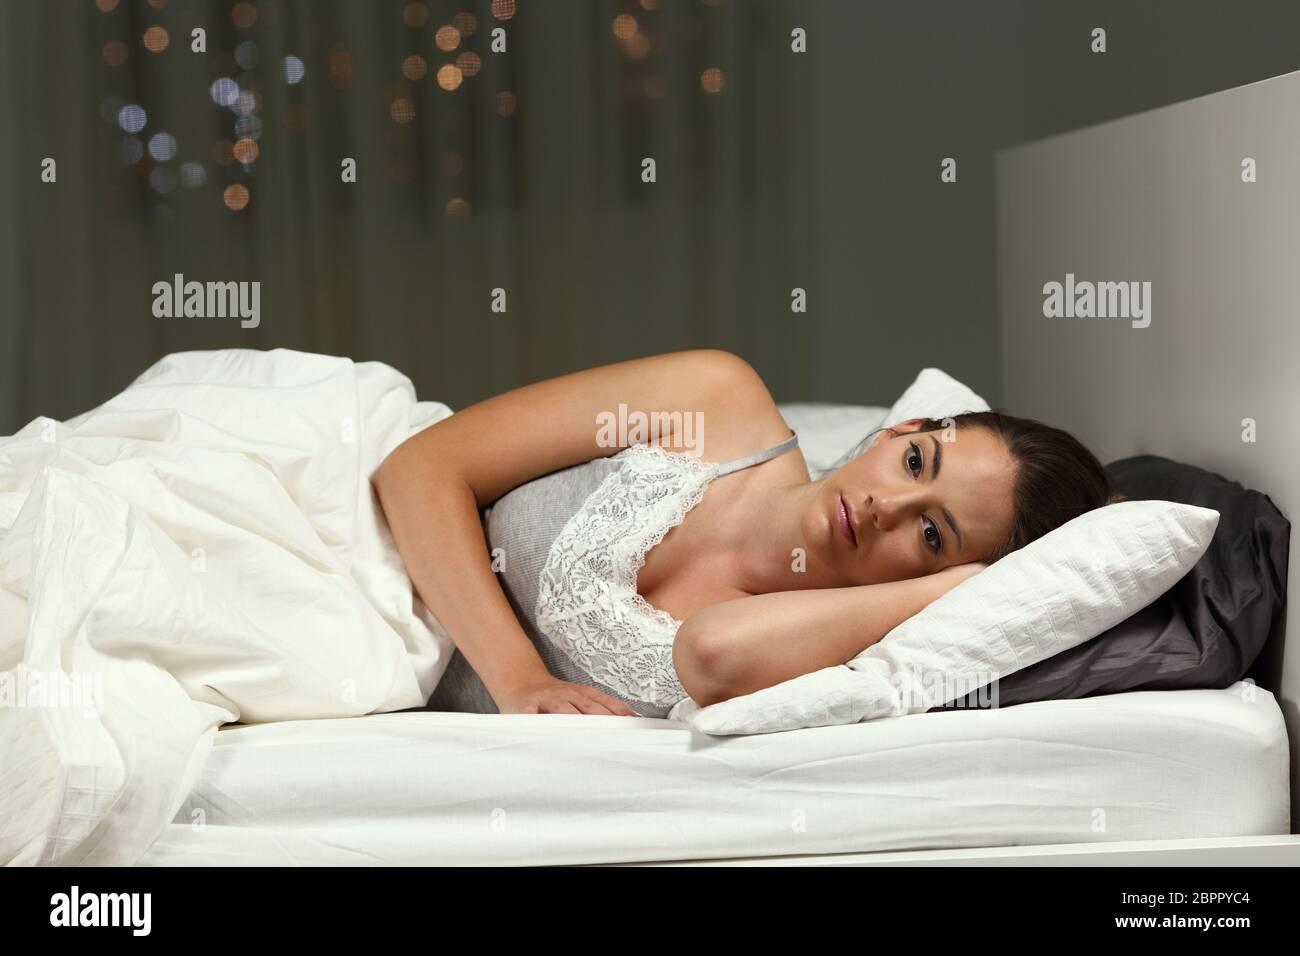 Insomniac Frau kann nicht schlafen auf dem Bett liegend in der Nacht zu Hause Stockfoto